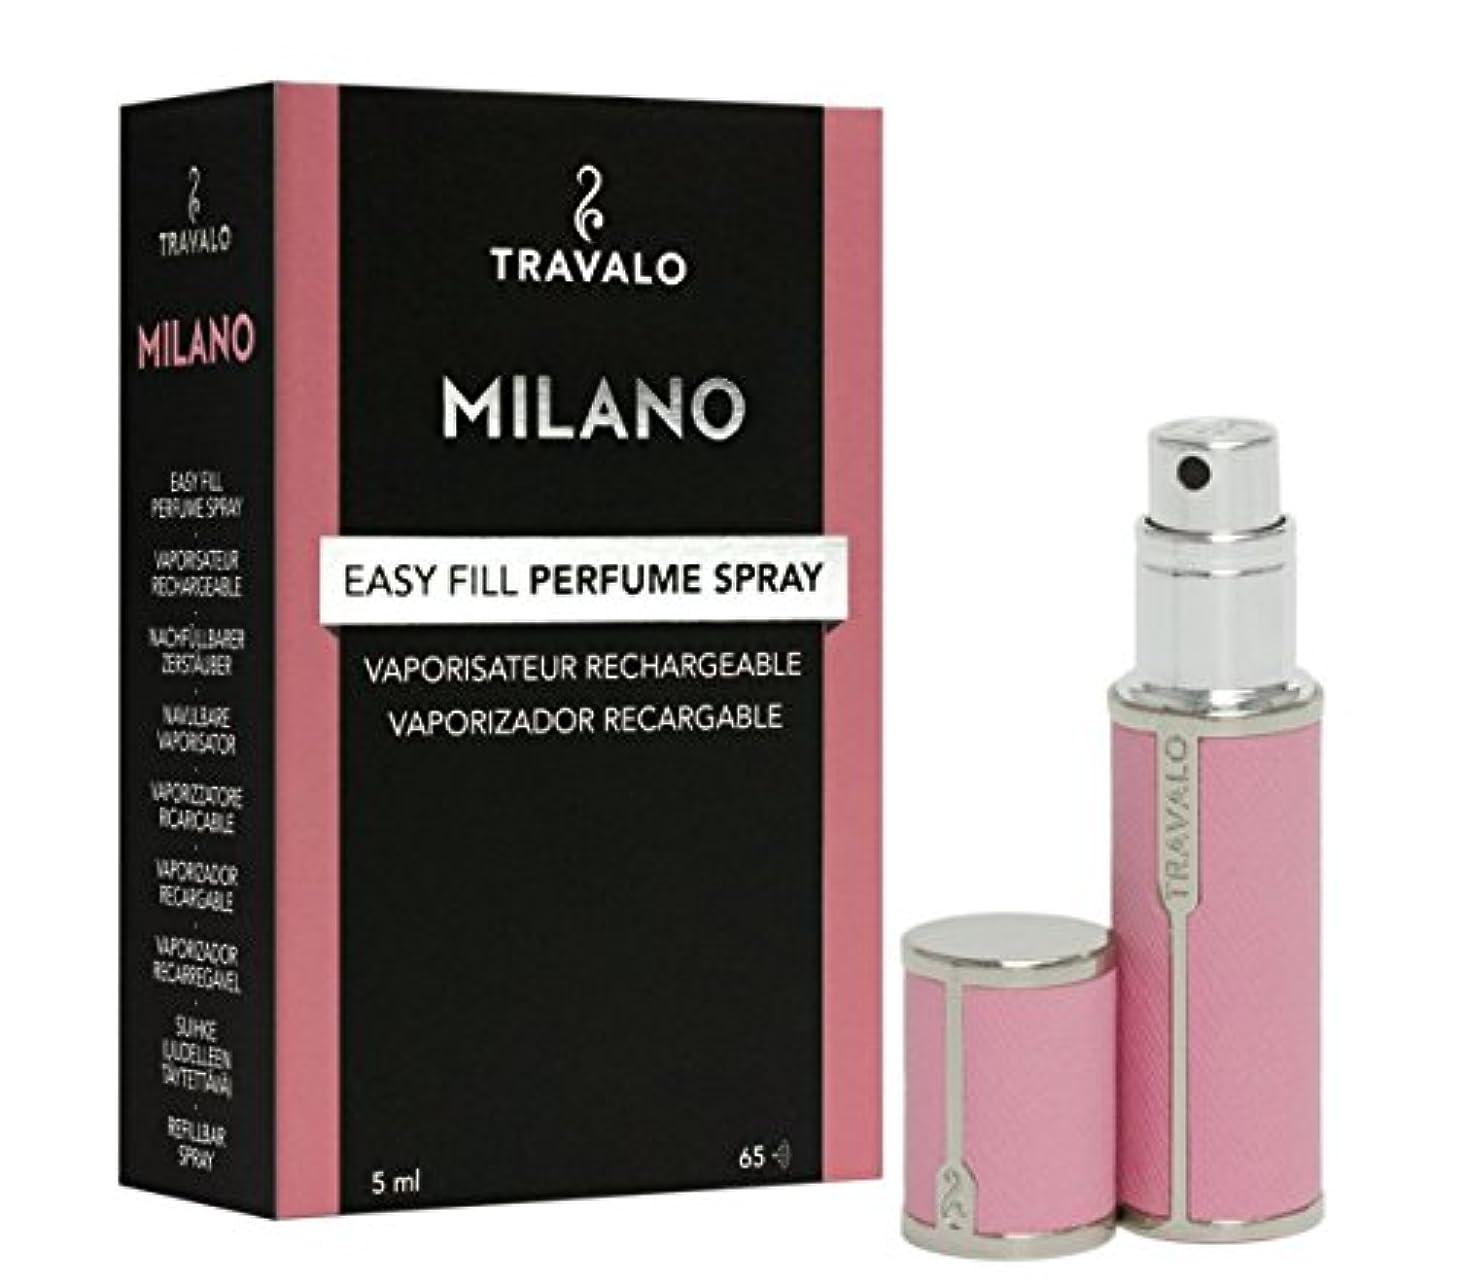 ハブ子猫確かめるTravalo Milano トラヴァーロ ミラノ 香水 アトマイザー 香水10秒チャージ (ピンク)